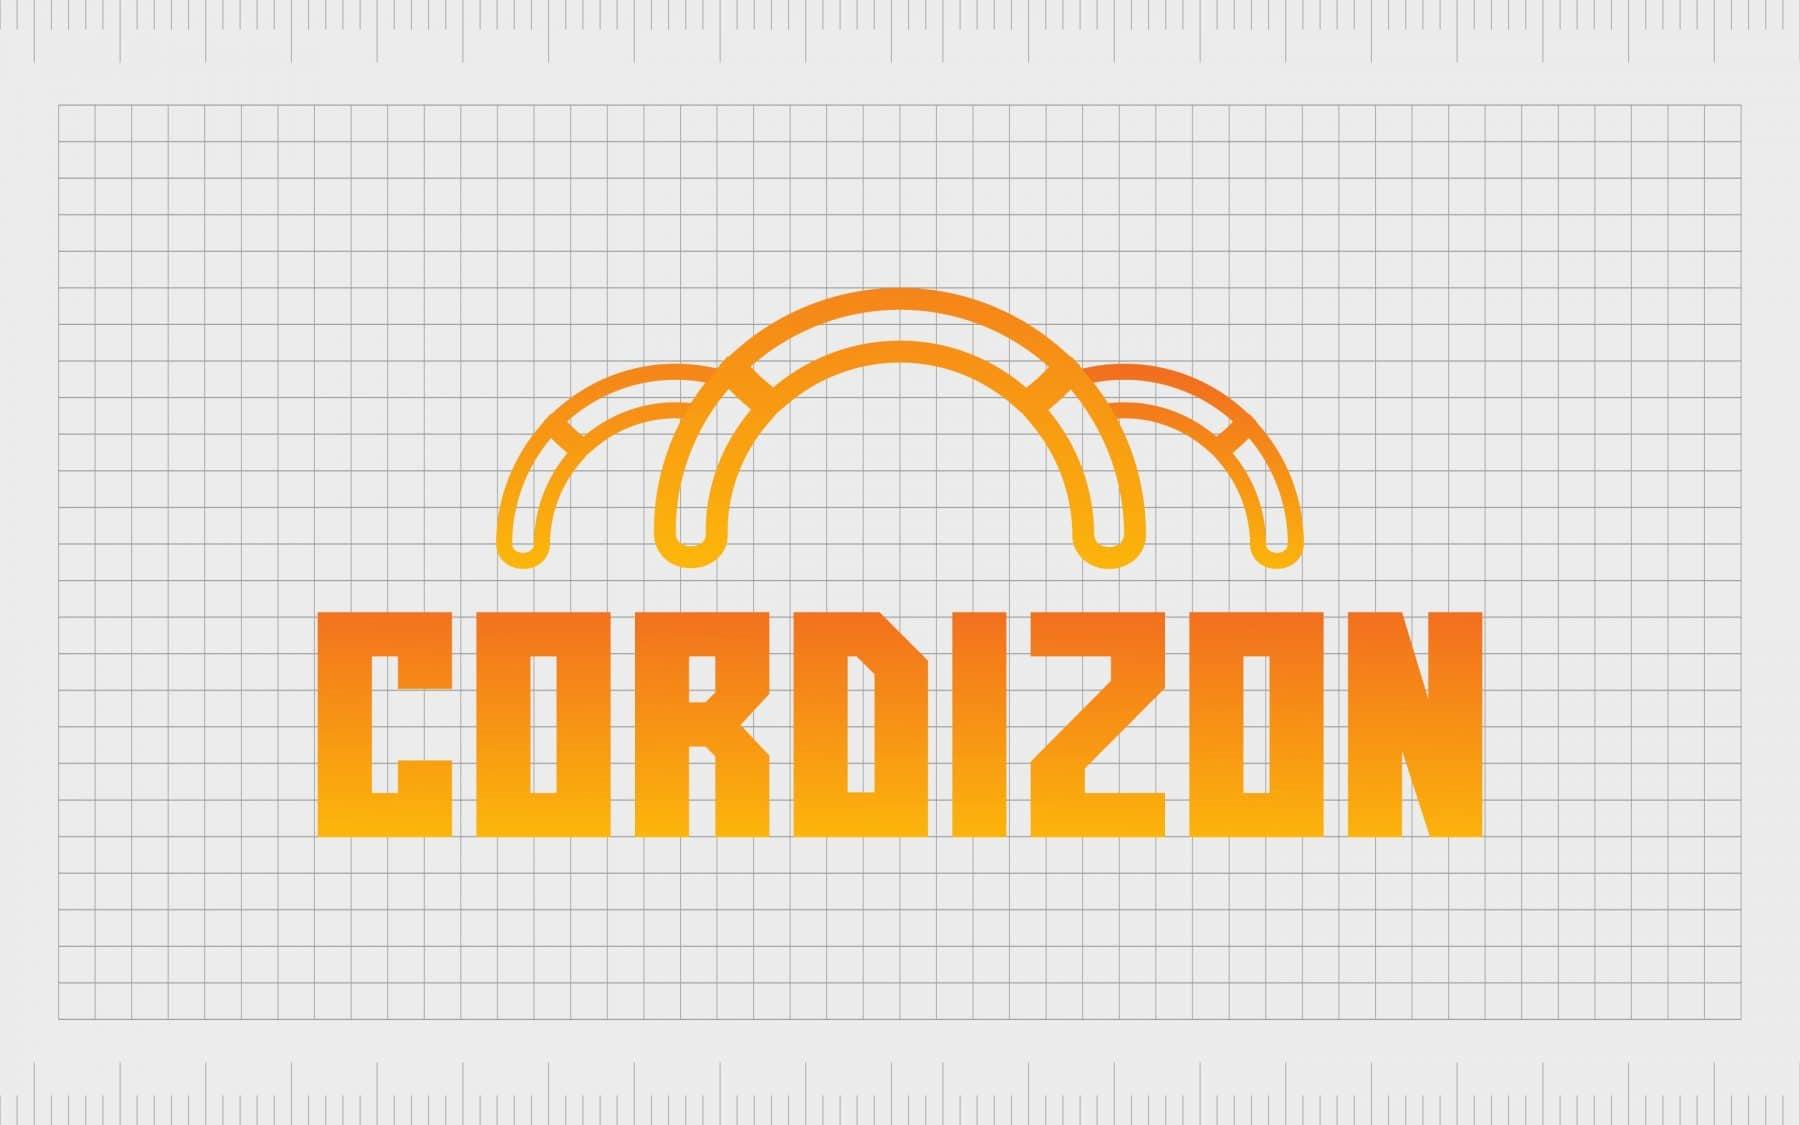 Cordizon